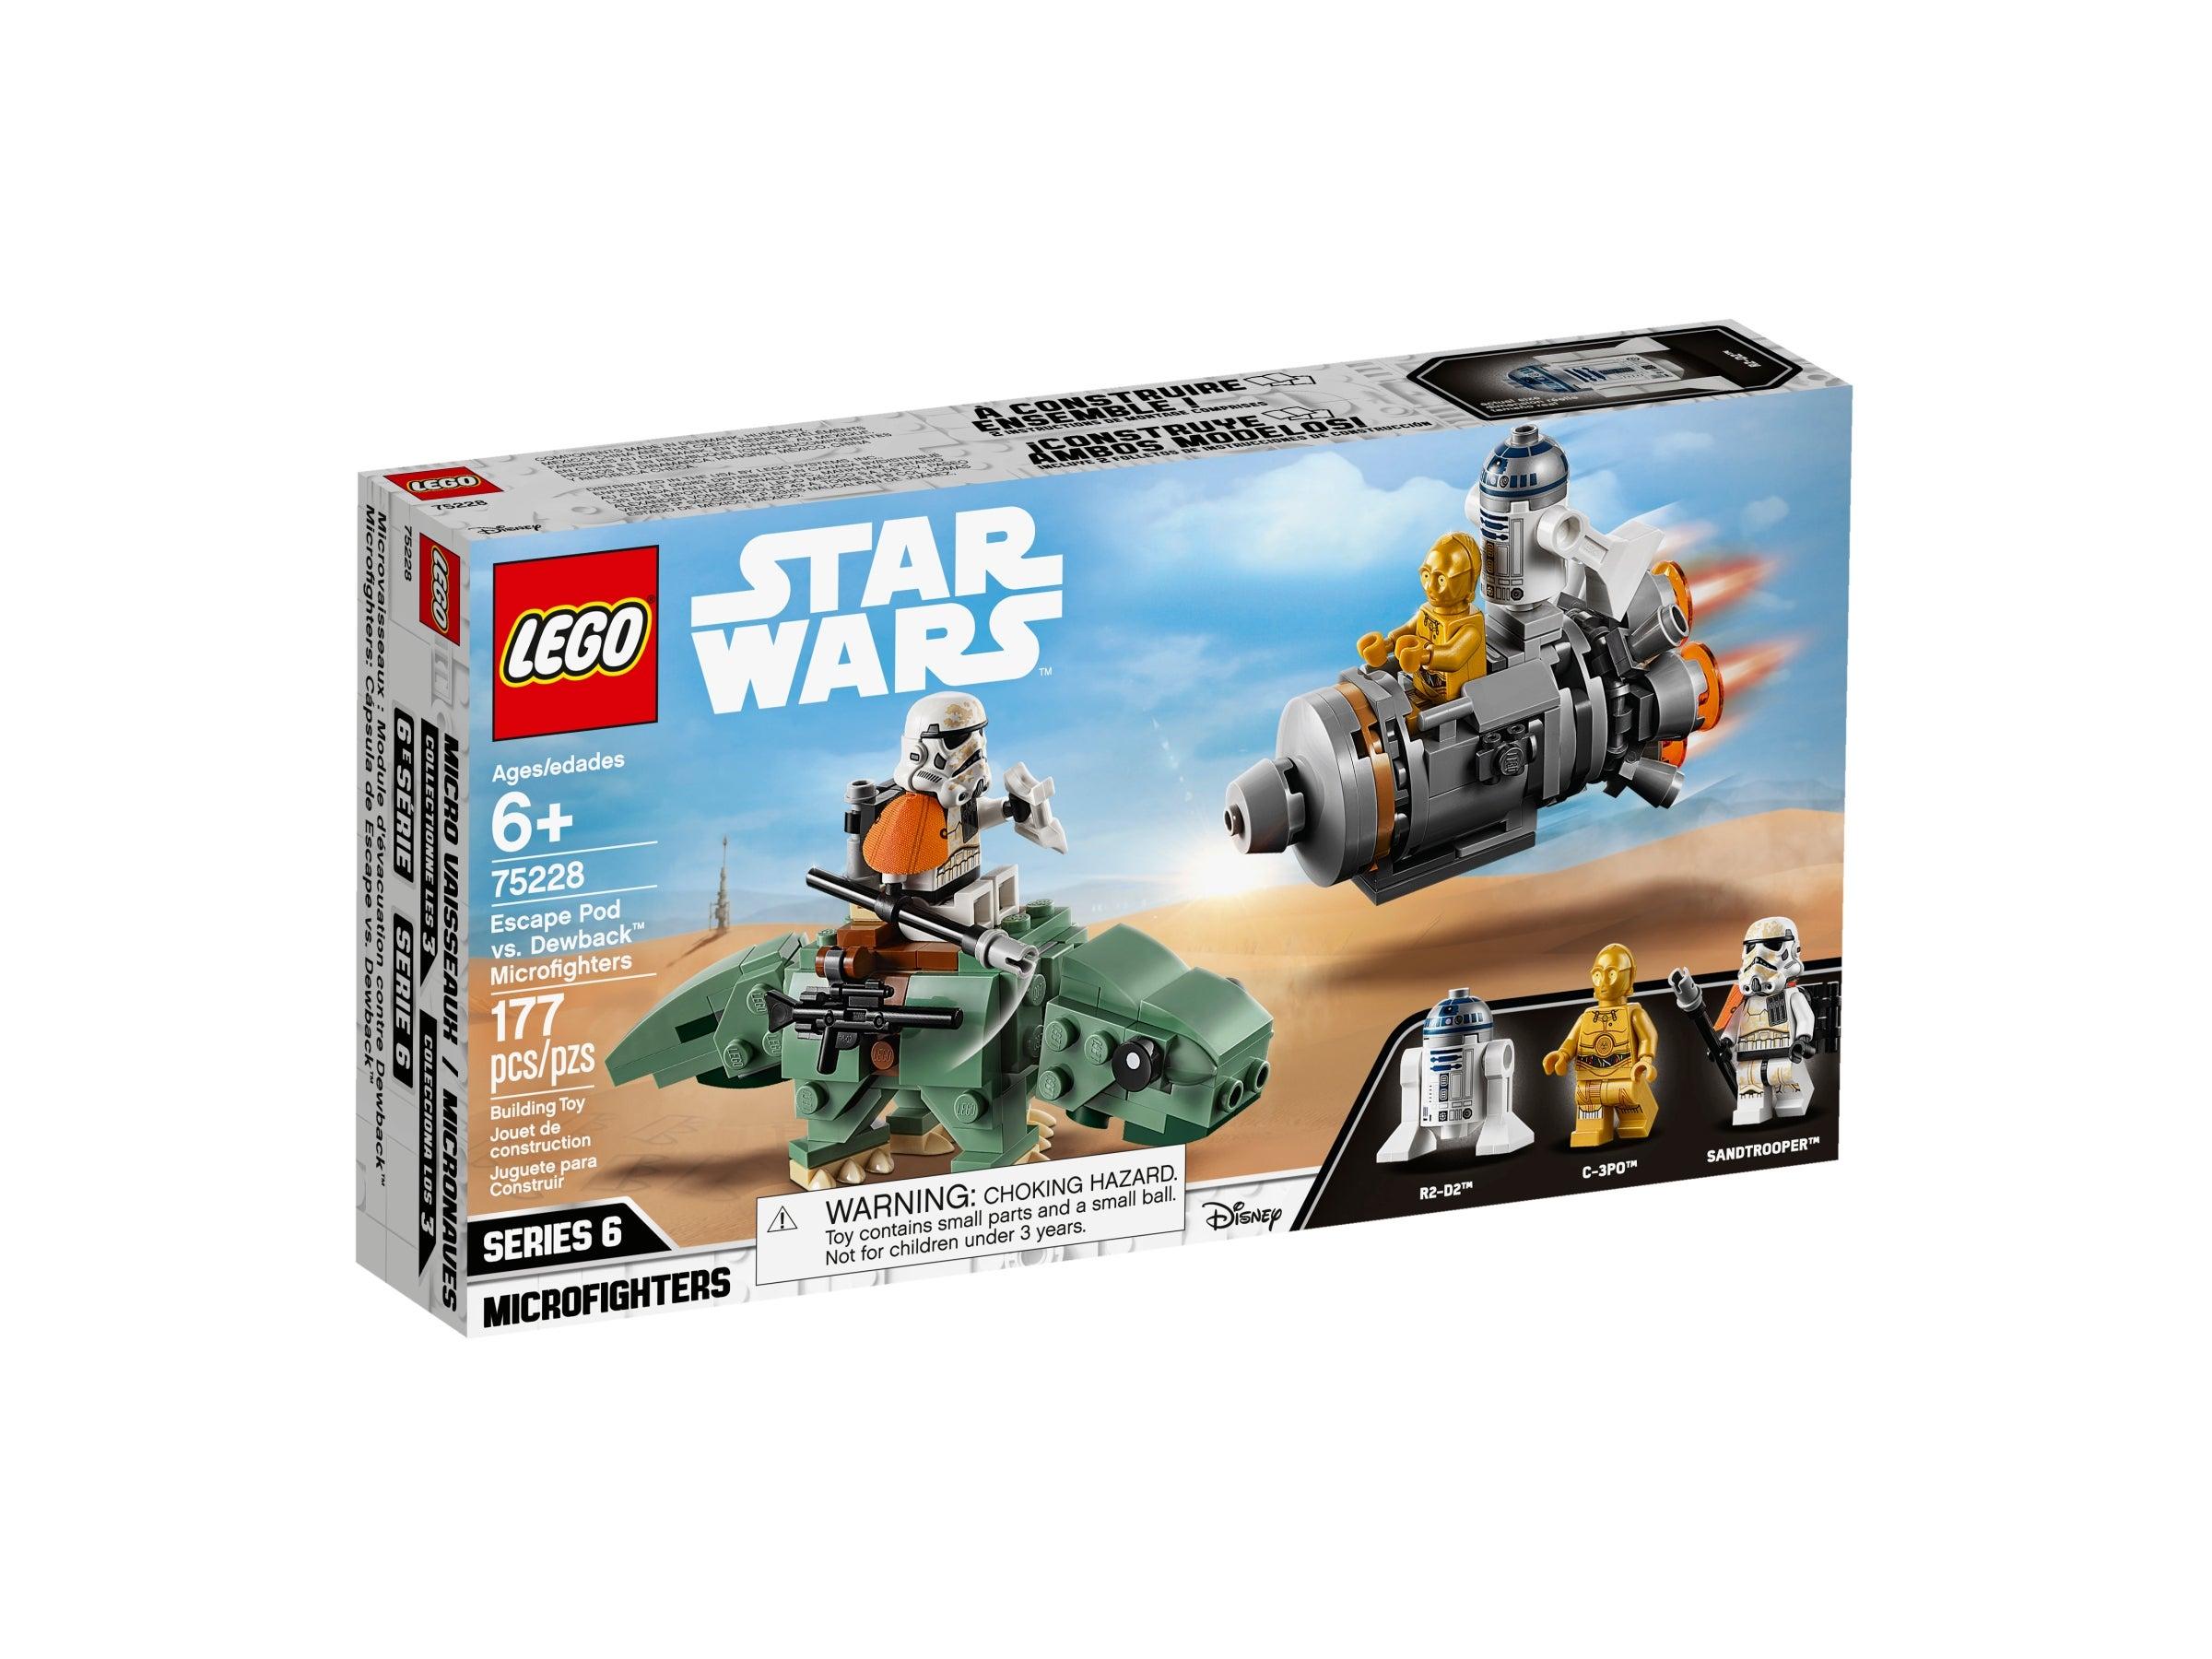 Lego Star Wars 75228 Escape Pod Vs Dewback Microfighters BNIB Damaged Sealed